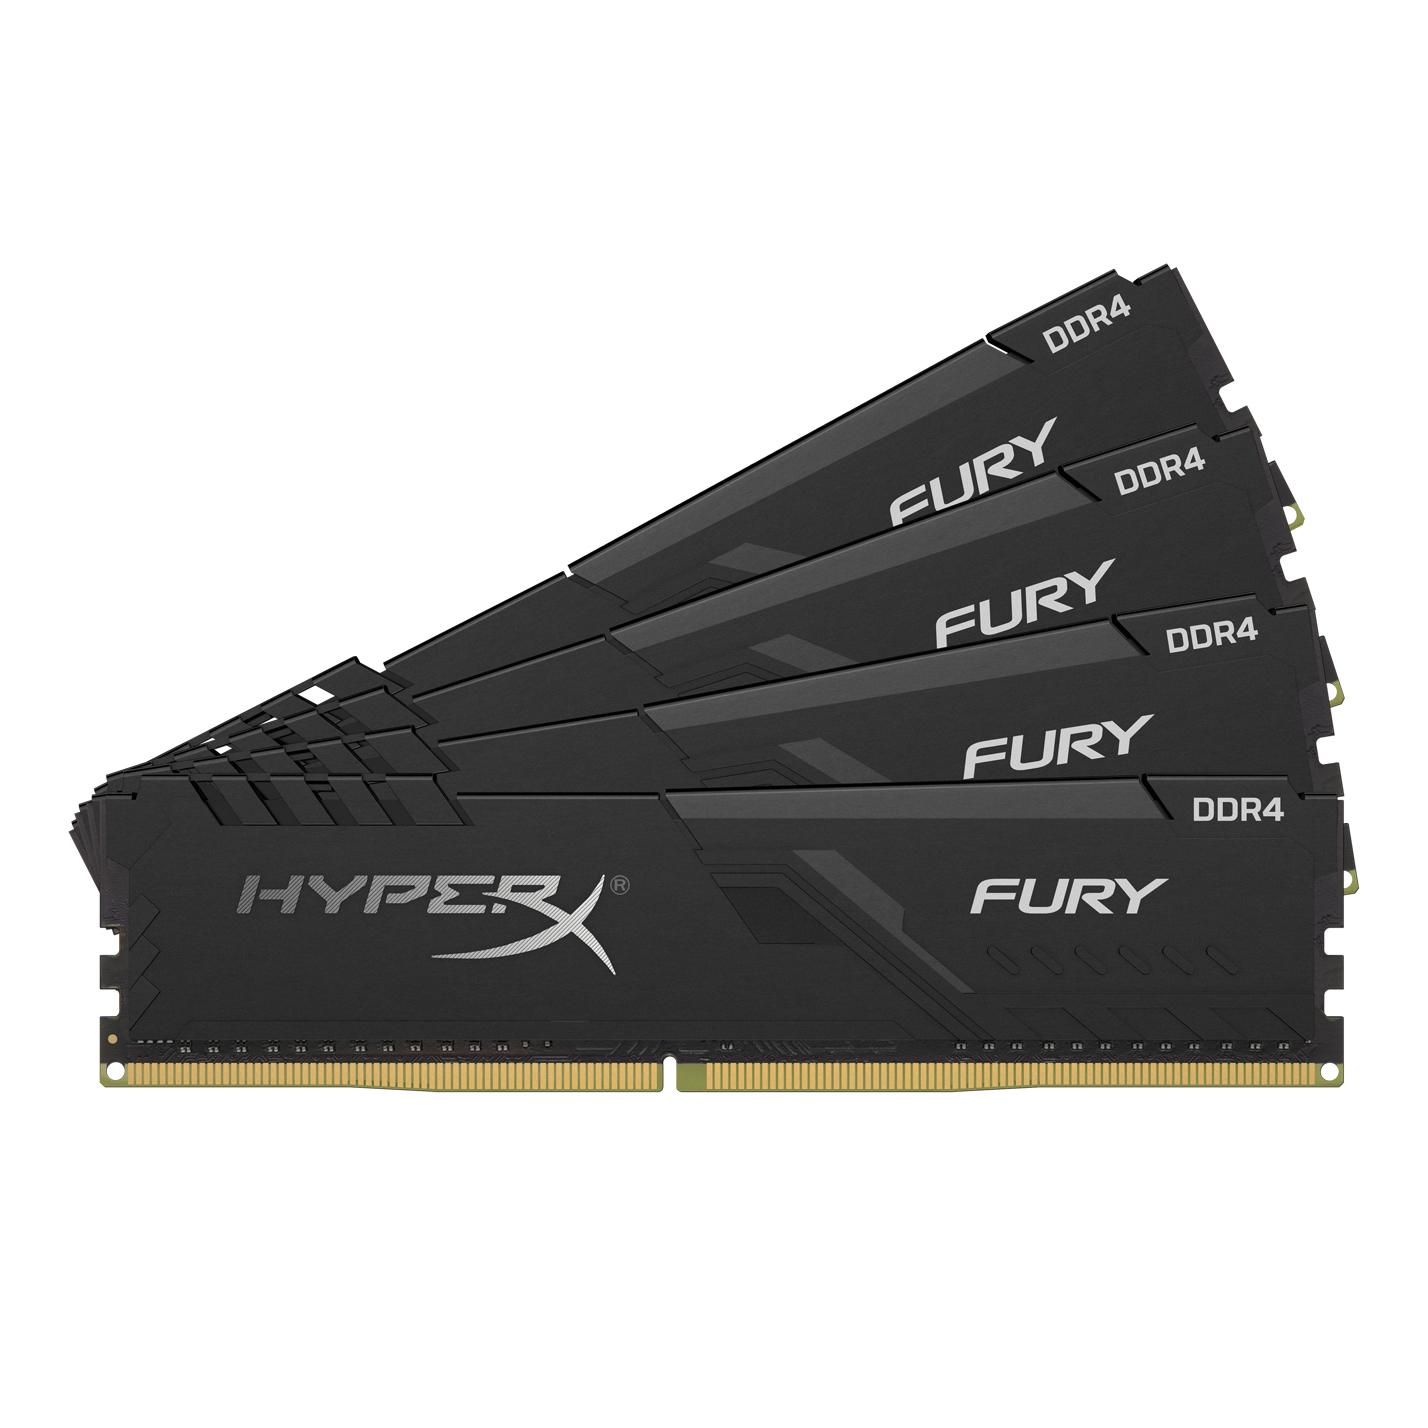 HyperX FURY HX434C16FB3K4/64 memory module 64 GB DDR4 3466 MHz